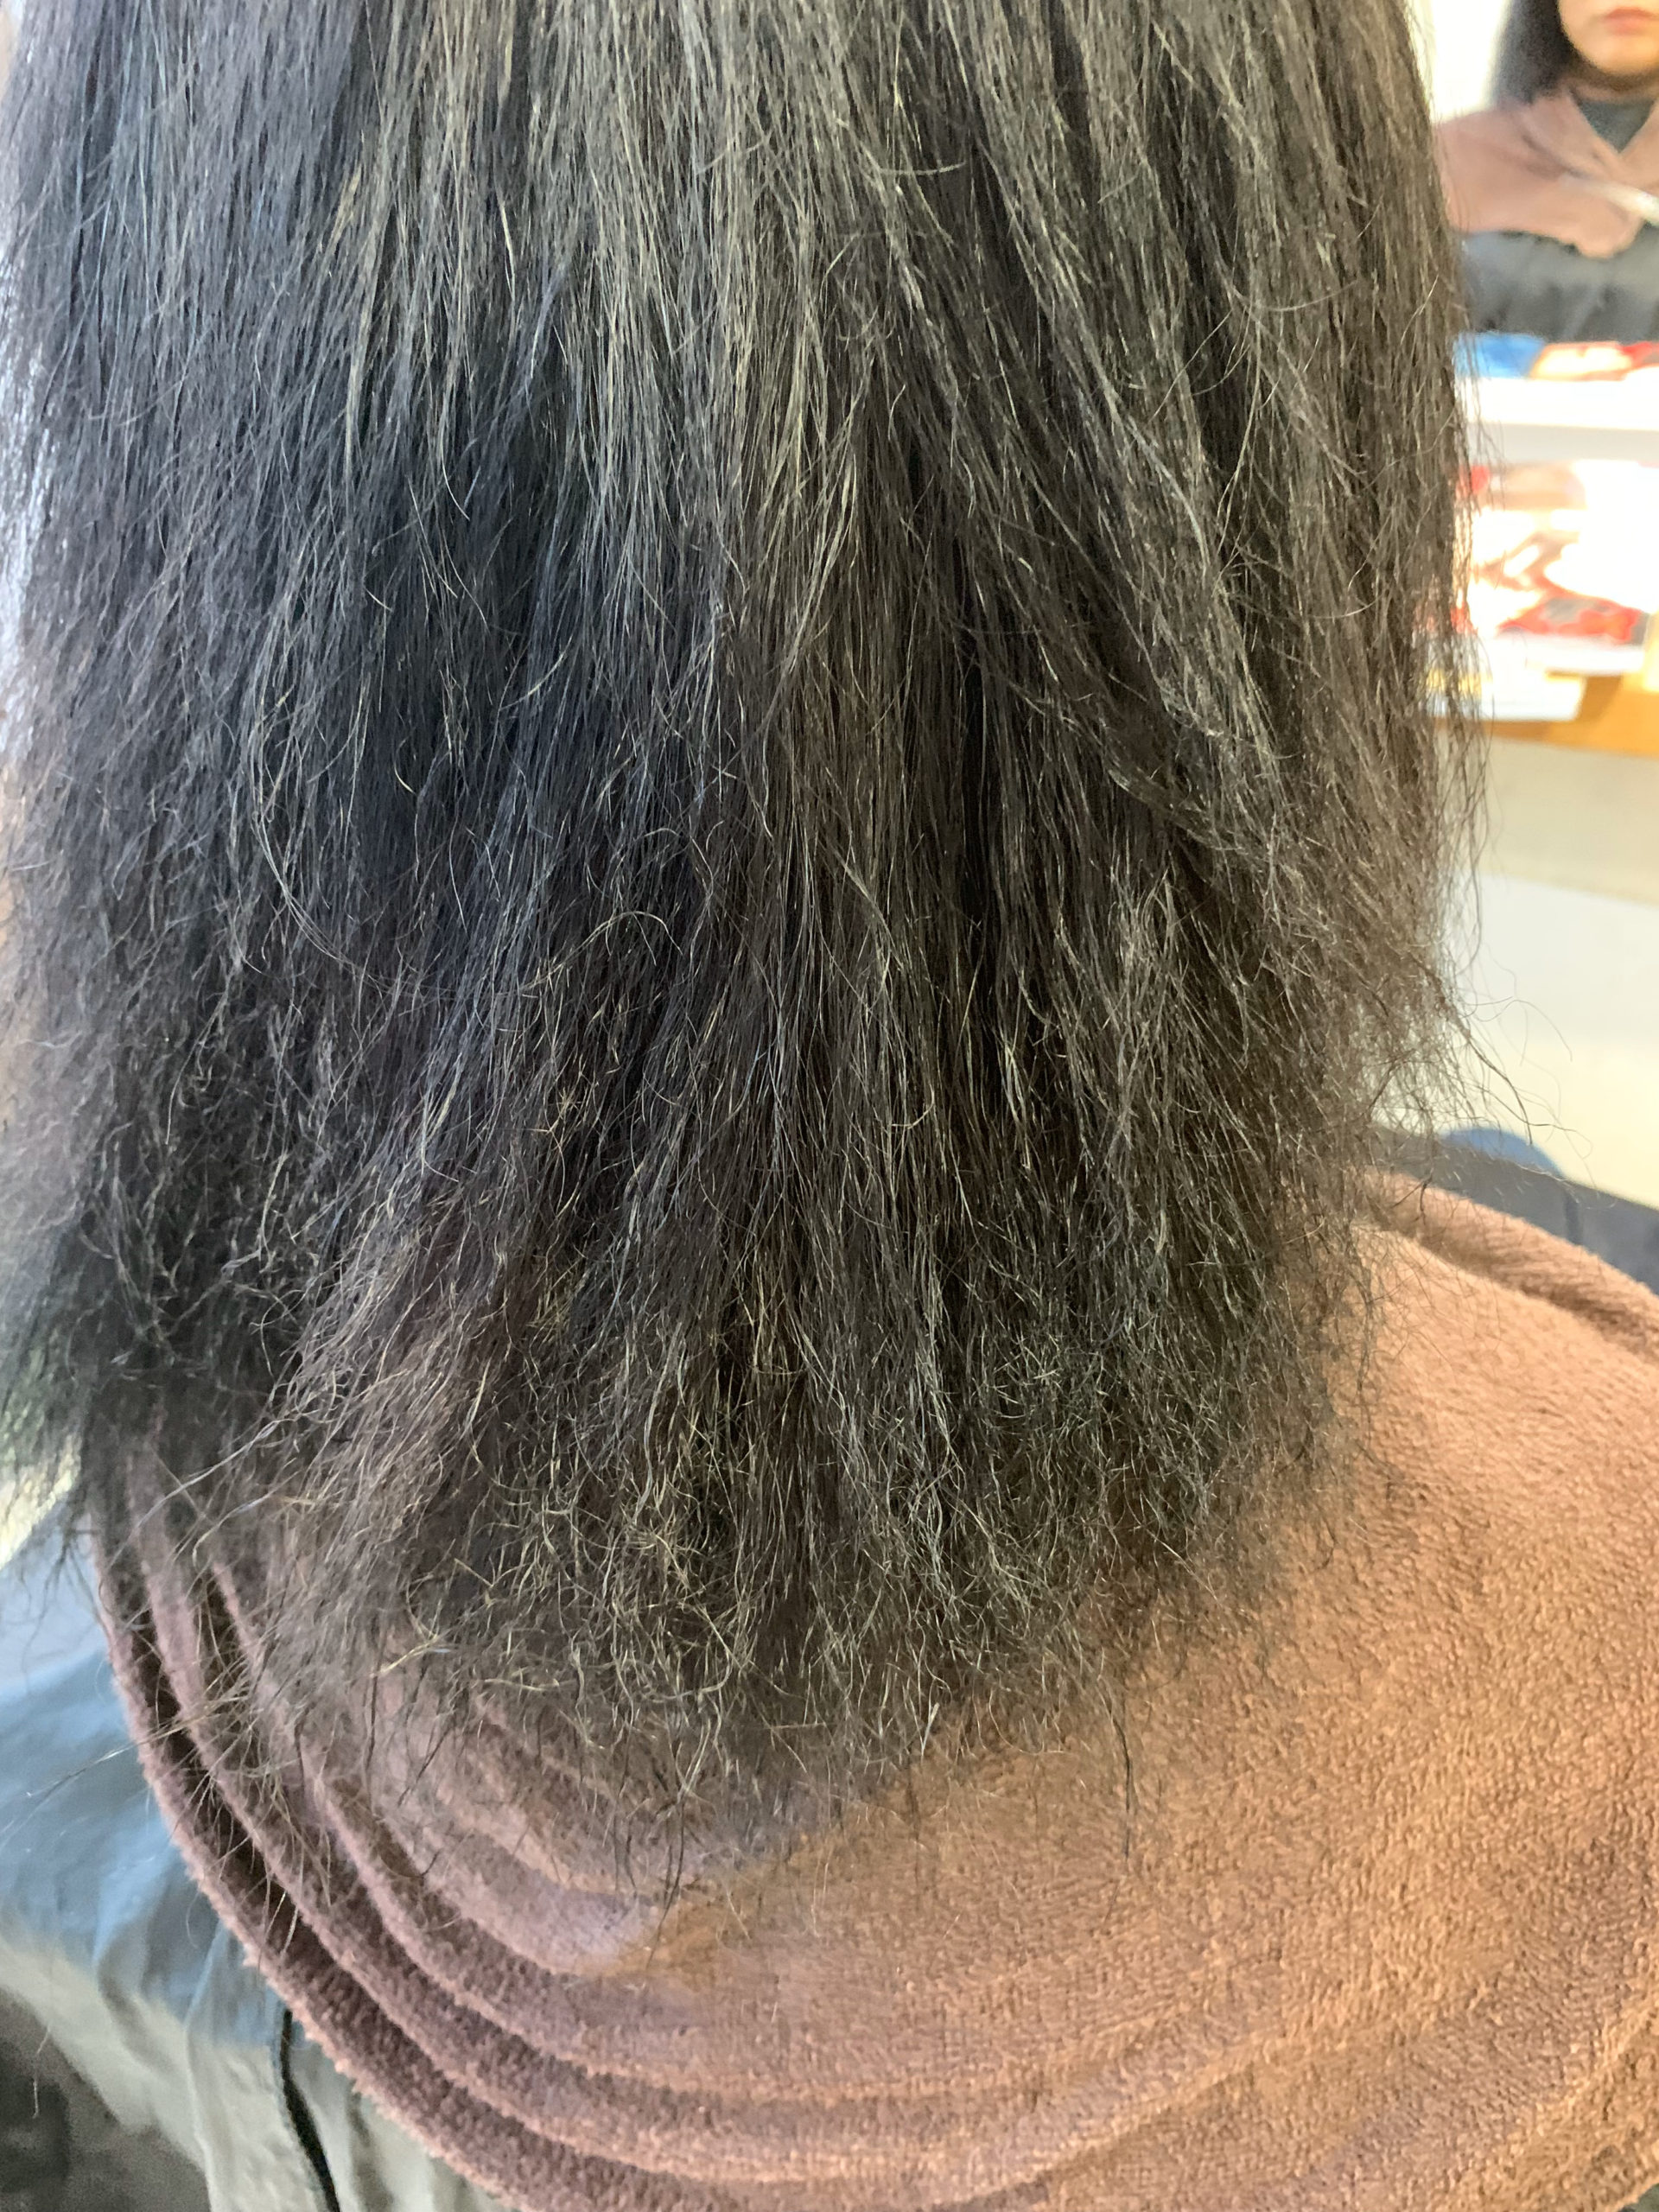 縮毛矯正の失敗で髪がチリチリに。。【ビビリ矯正】で直します。原宿・表参道『髪のお悩みを解決するヘアケア美容師の挑戦』